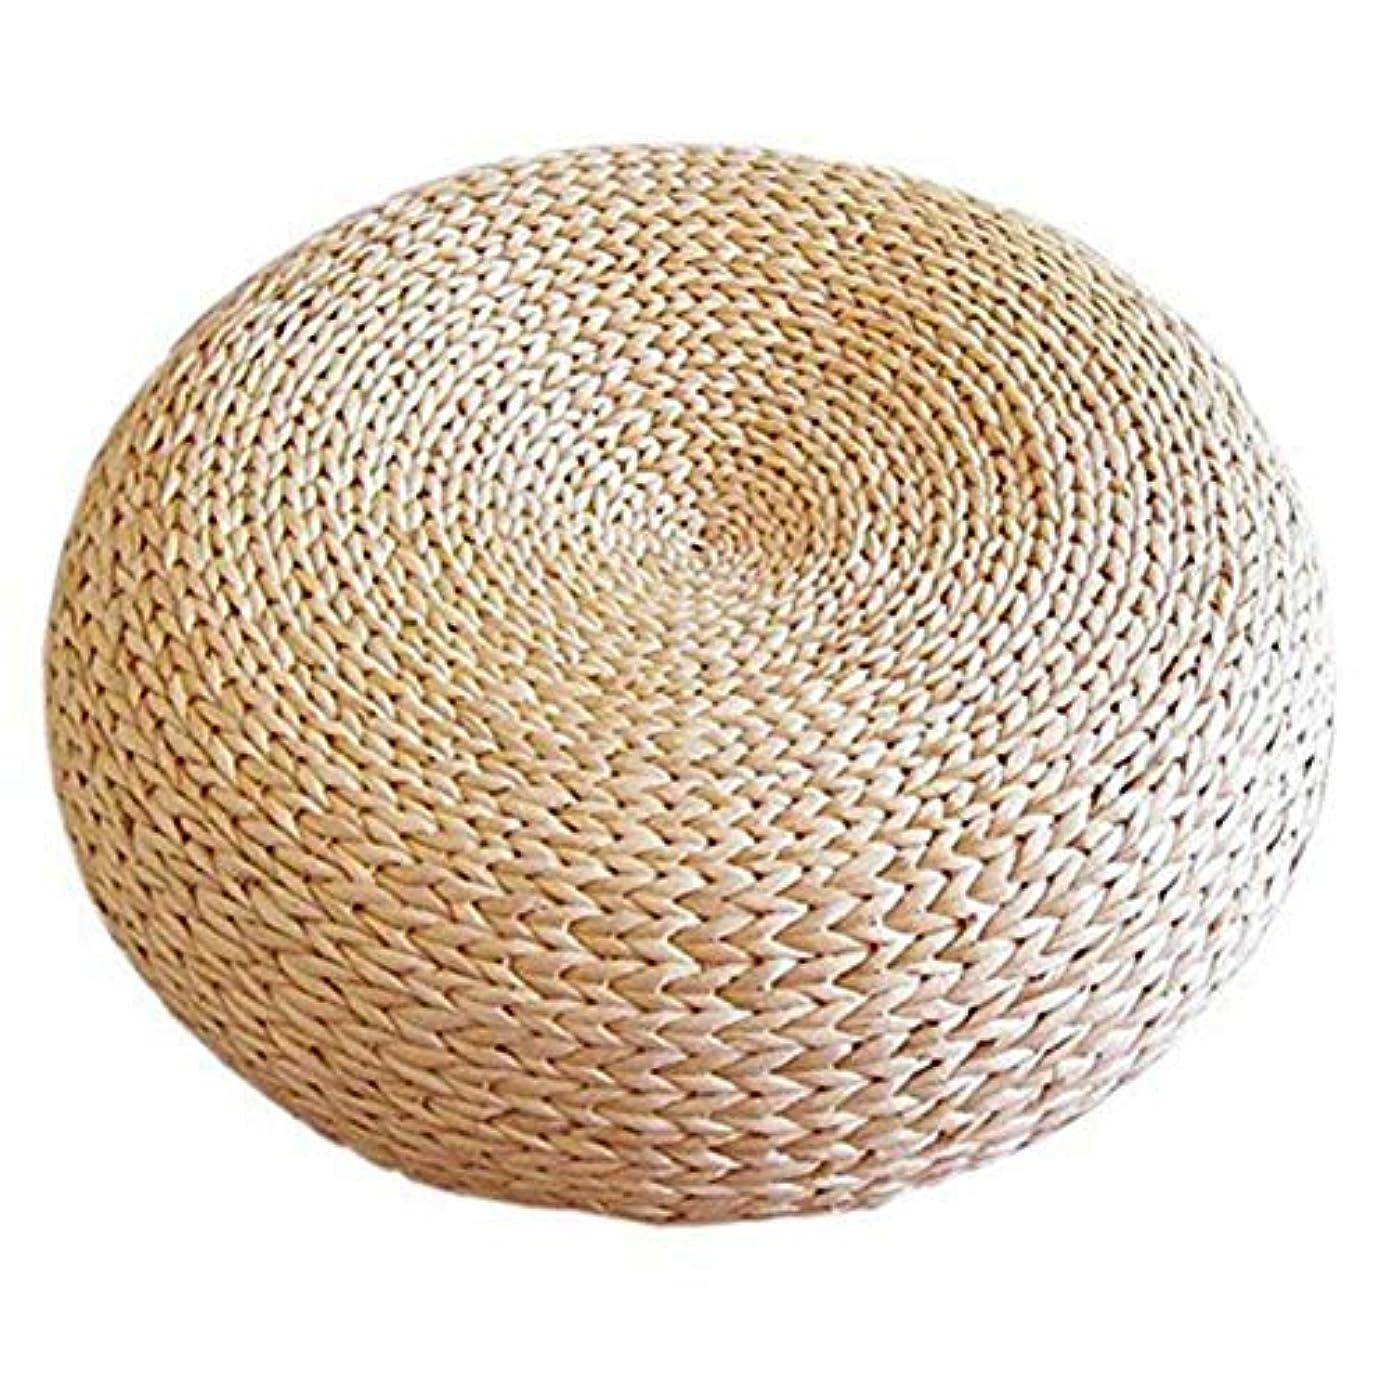 技術的な今日陽気なLIFE 新ウィービングナチュラルわらラウンド厚み畳クッション座布団瞑想ヨガラウンドマット窓パッド椅子クッションリビング クッション 椅子